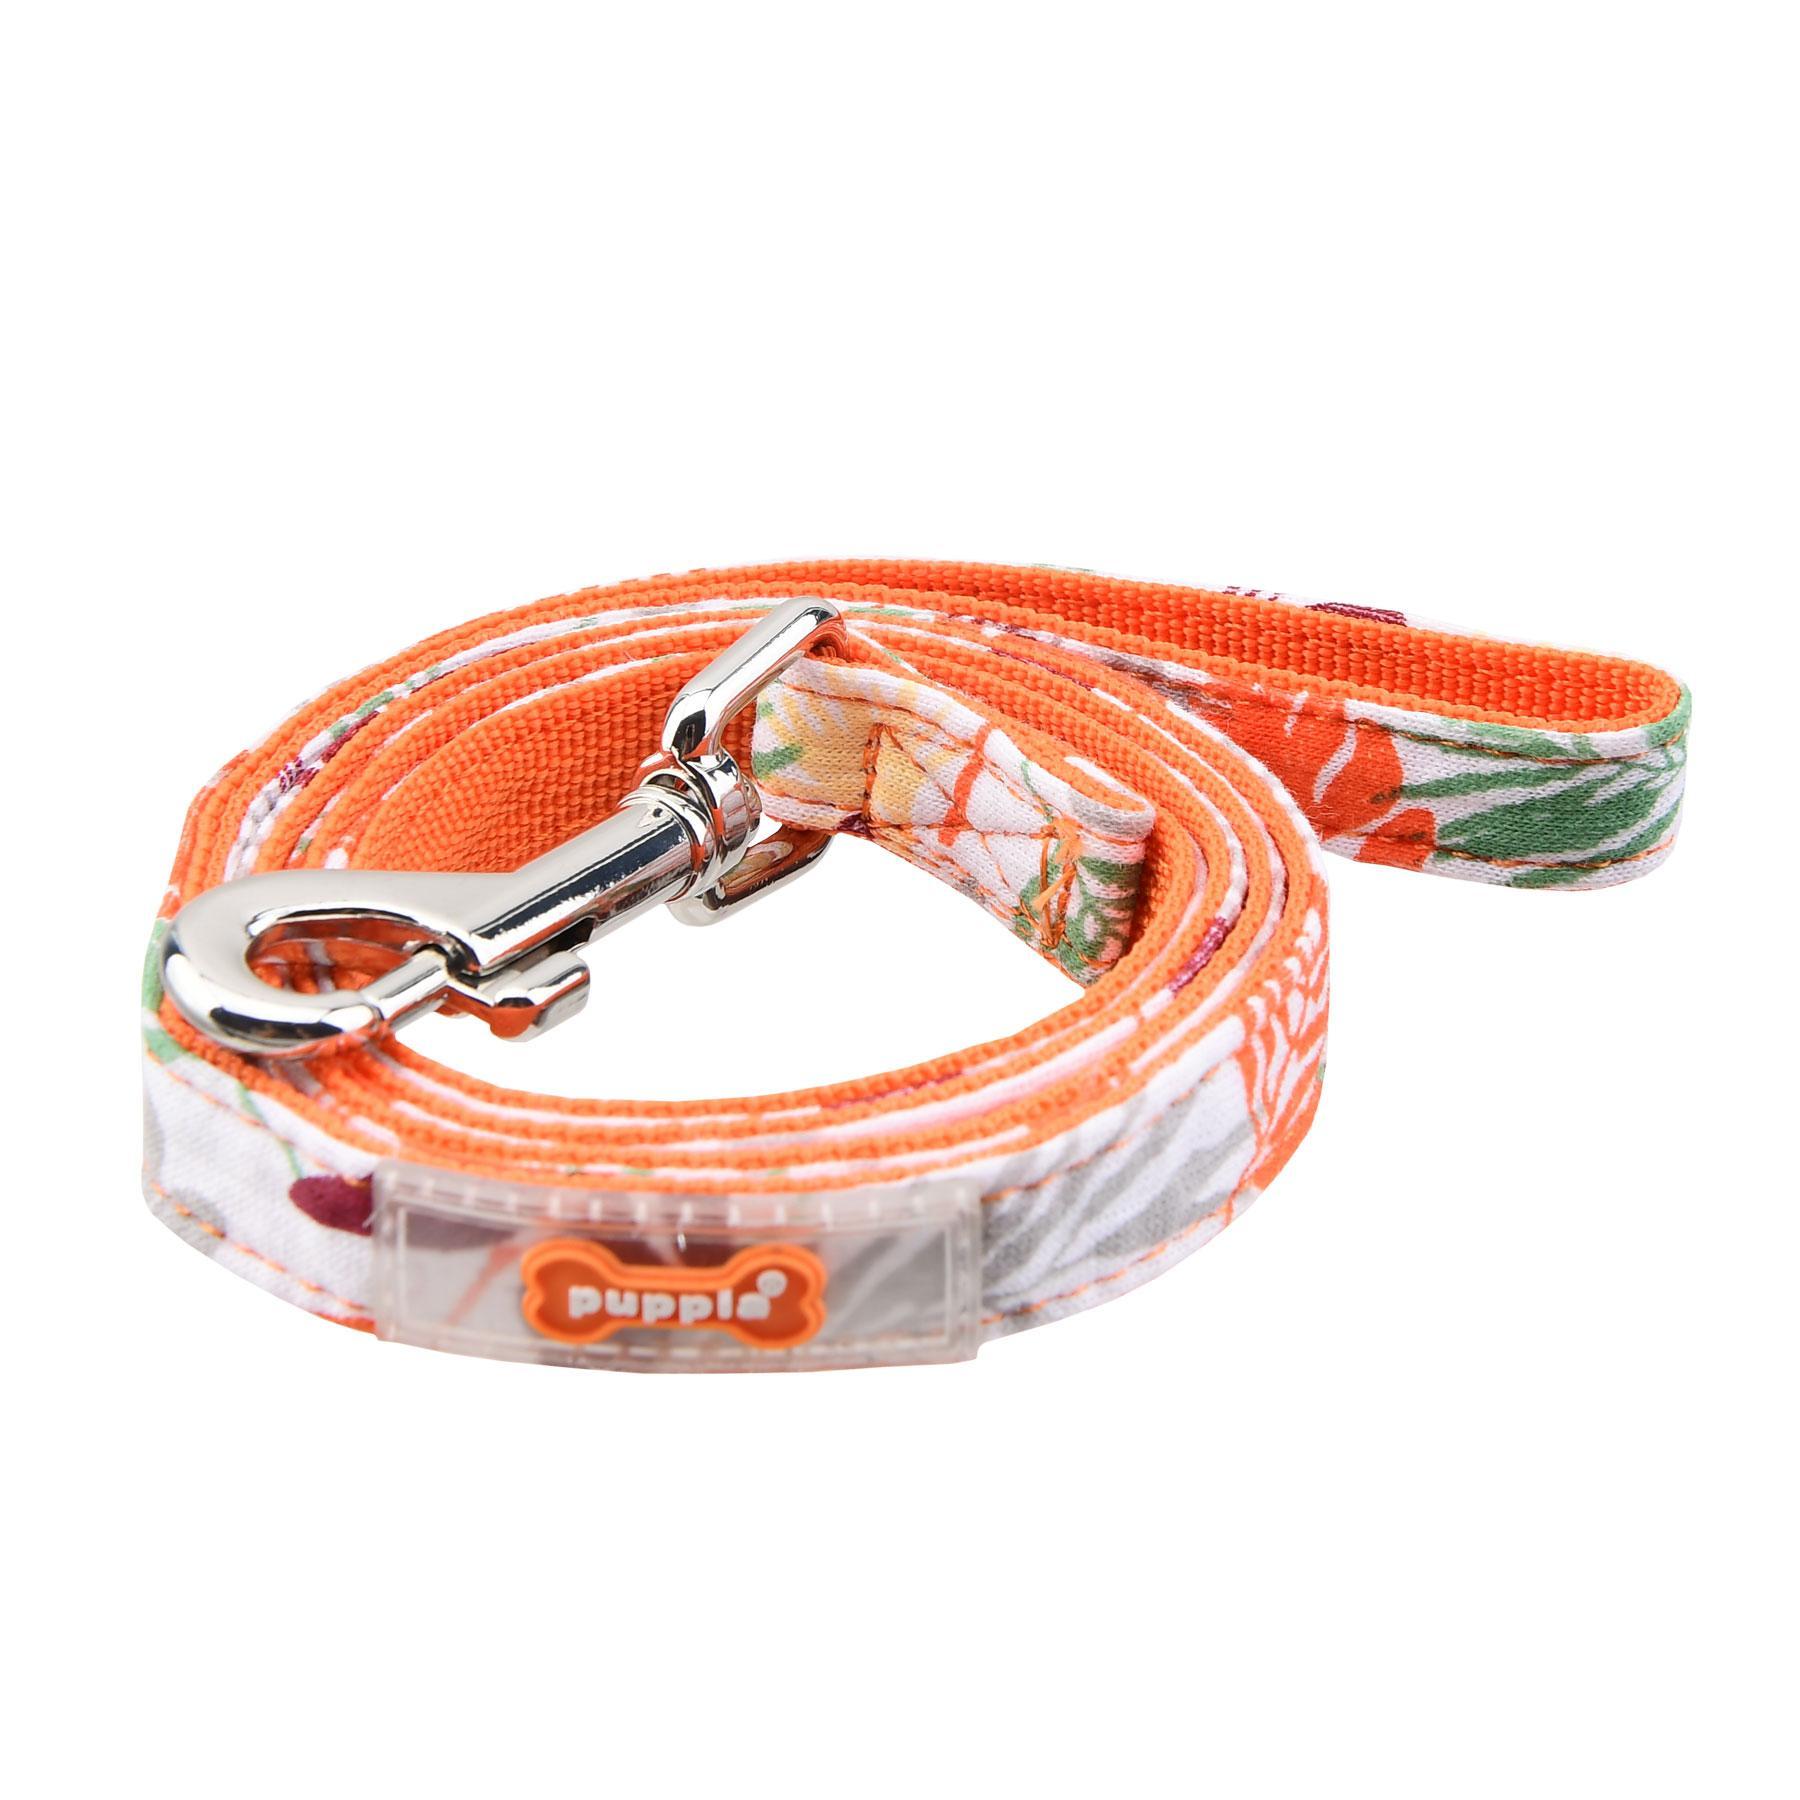 Rowan Dog Leash by Puppia - Orange